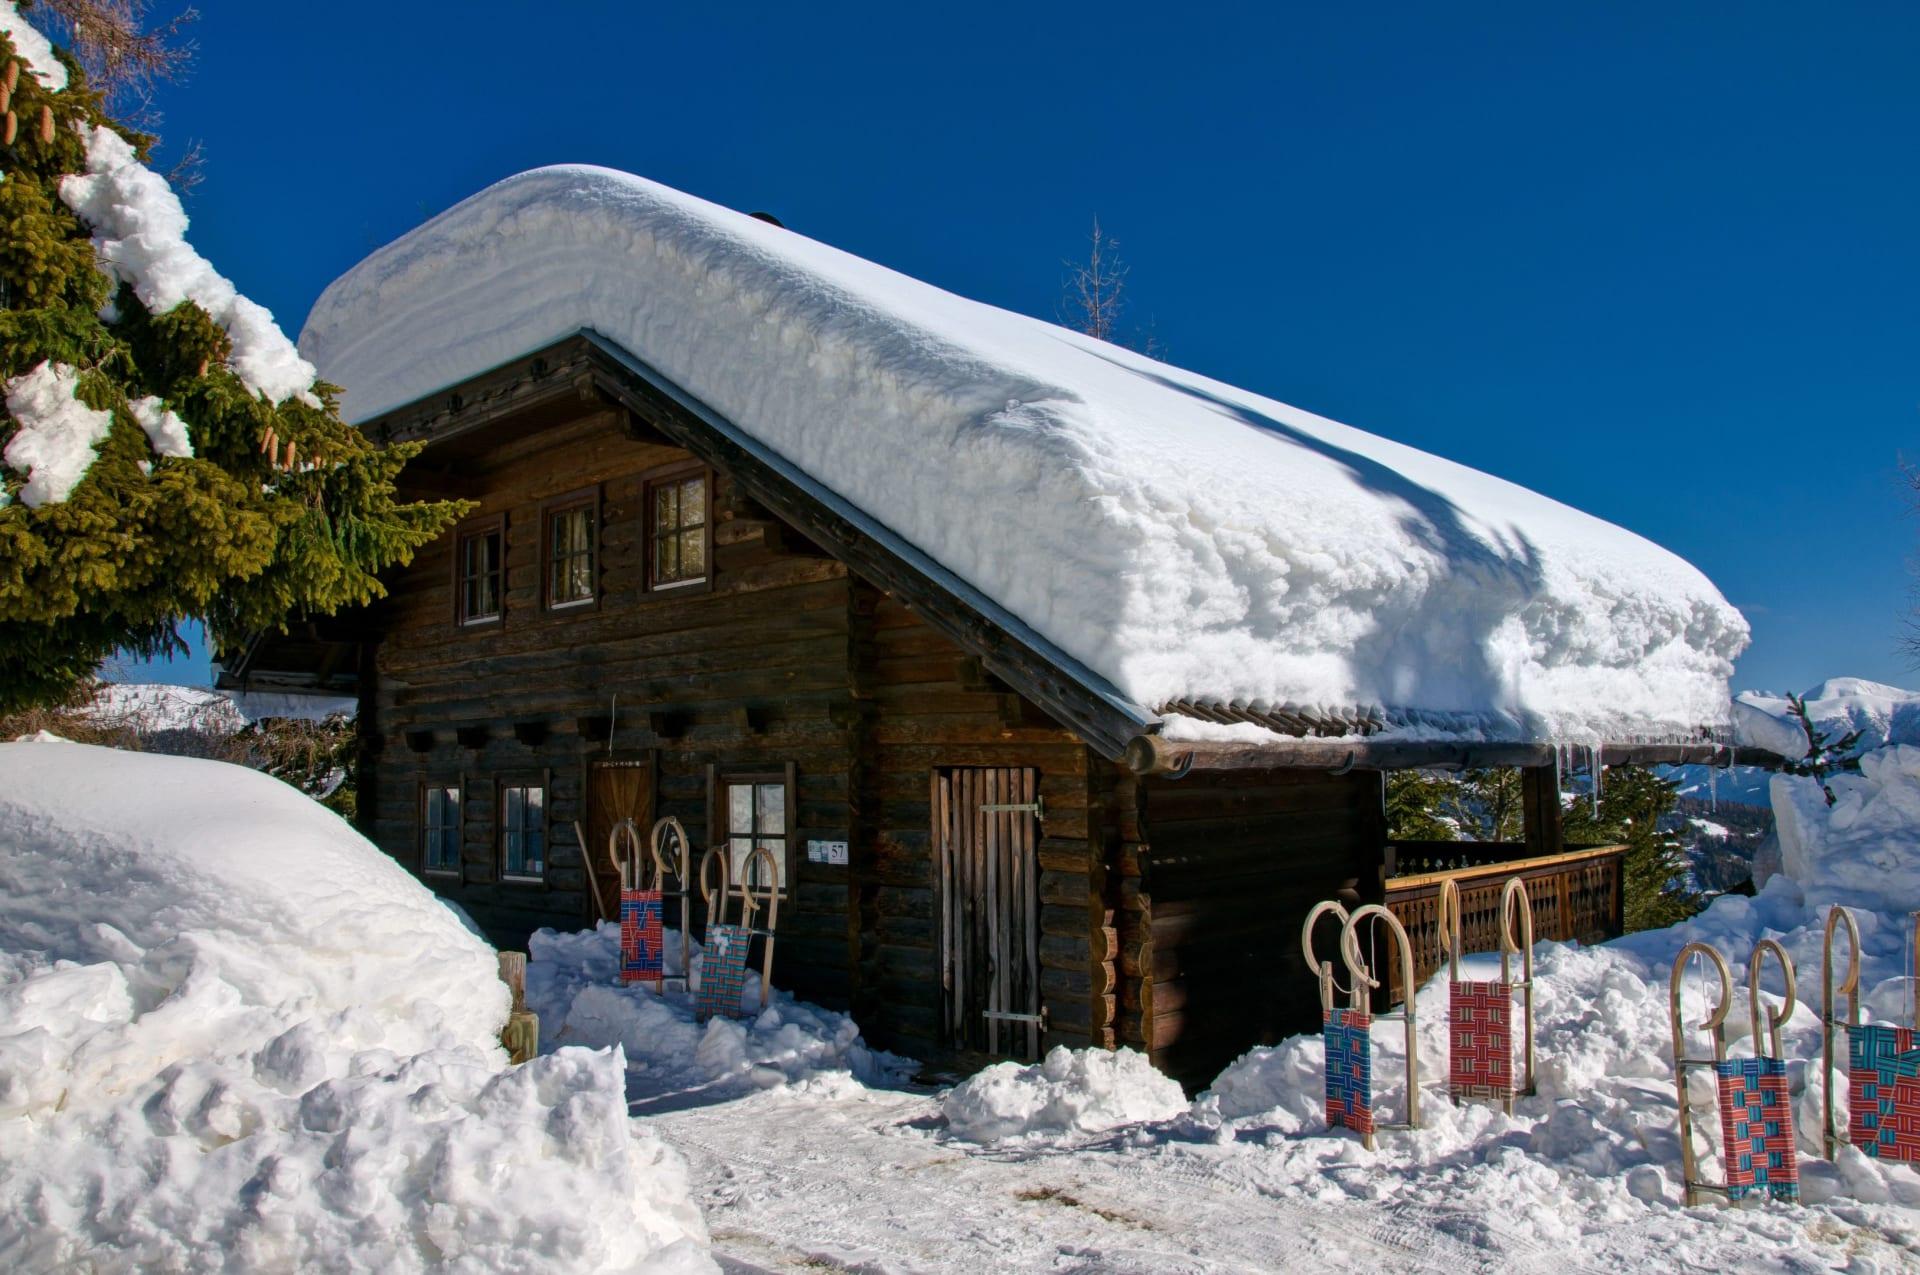 Sonalmhut in winter